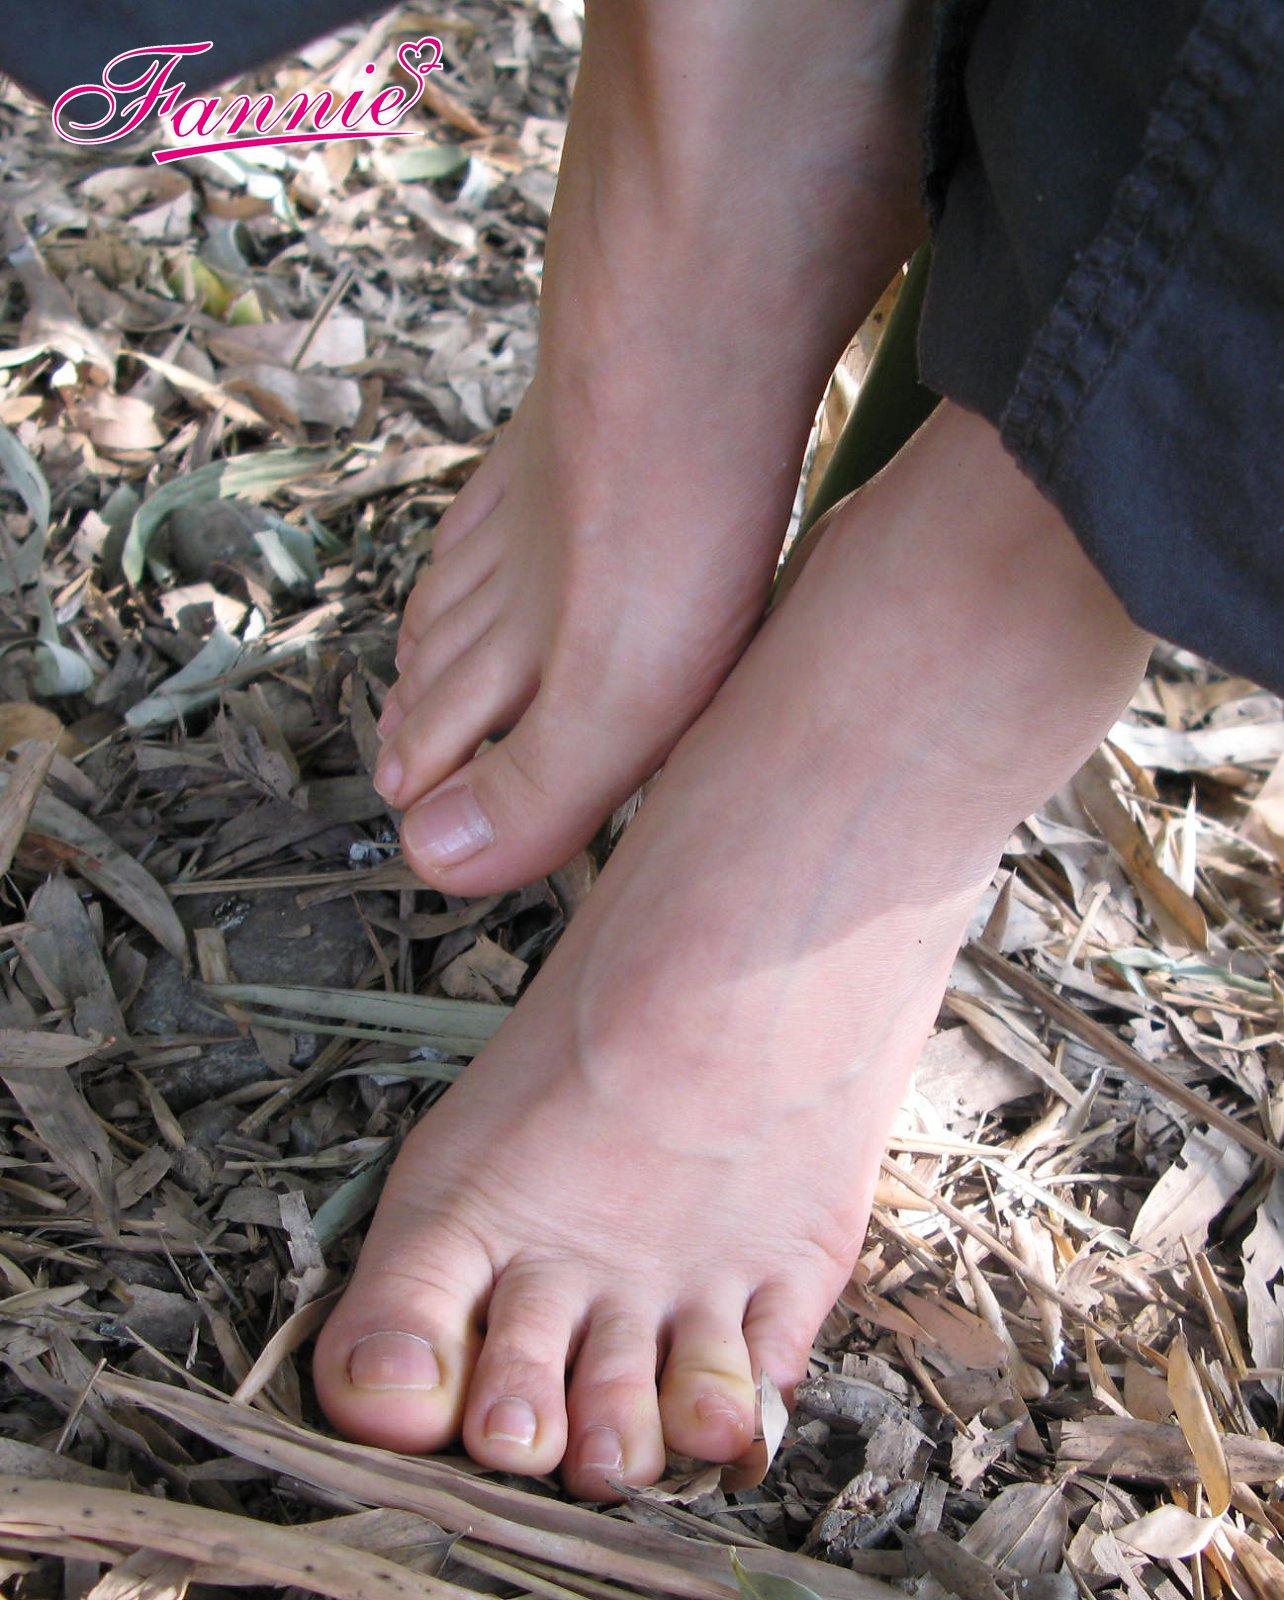 == 竹林深处有闲心 == - 喜欢光脚丫的夏天 - 喜欢光脚丫的夏天